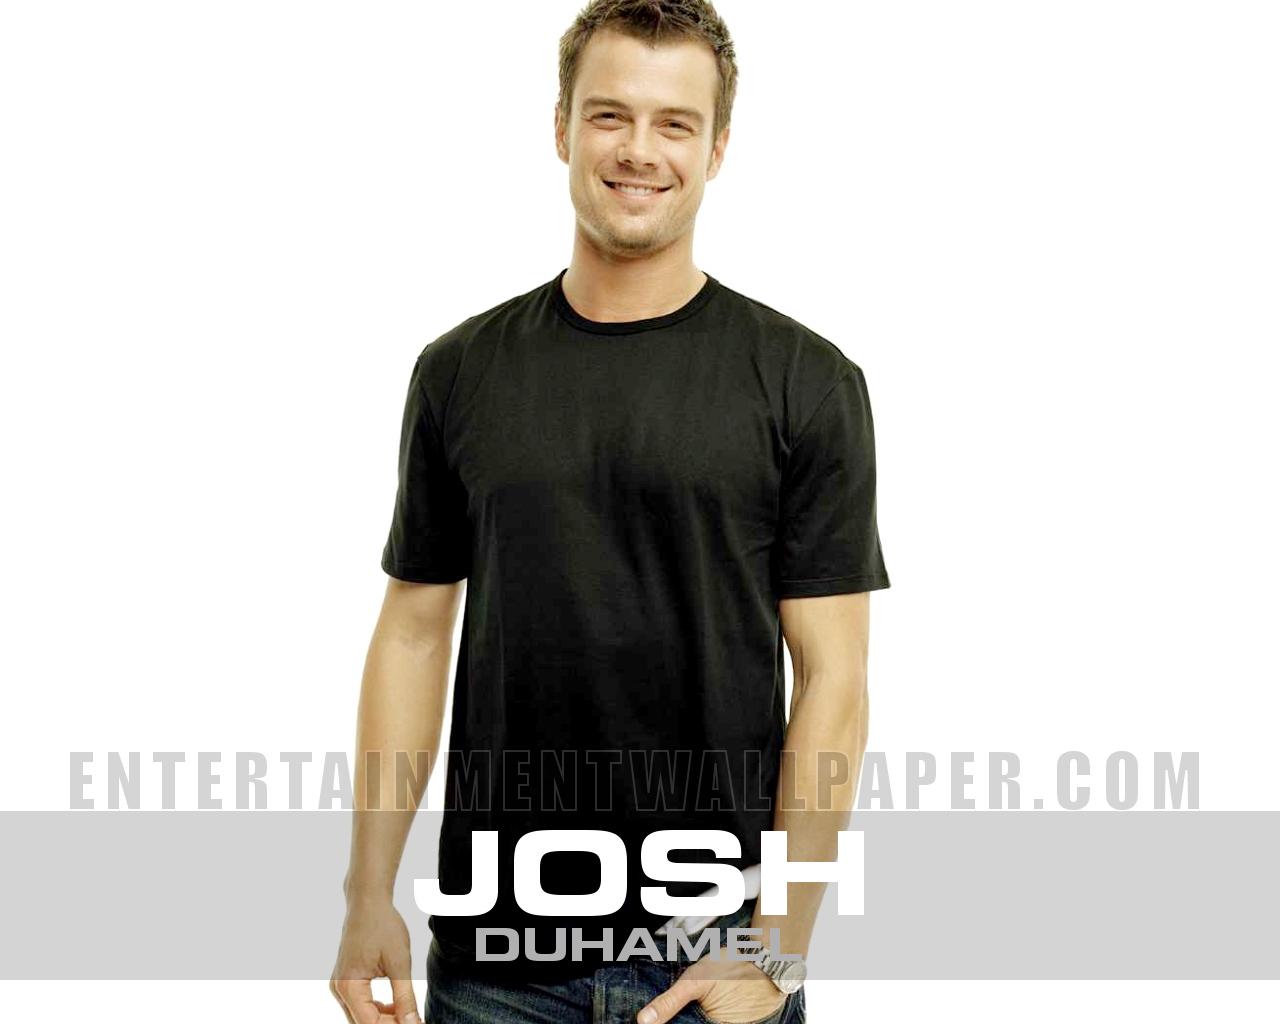 Josh Duhamel - josh-duhamel wallpaper